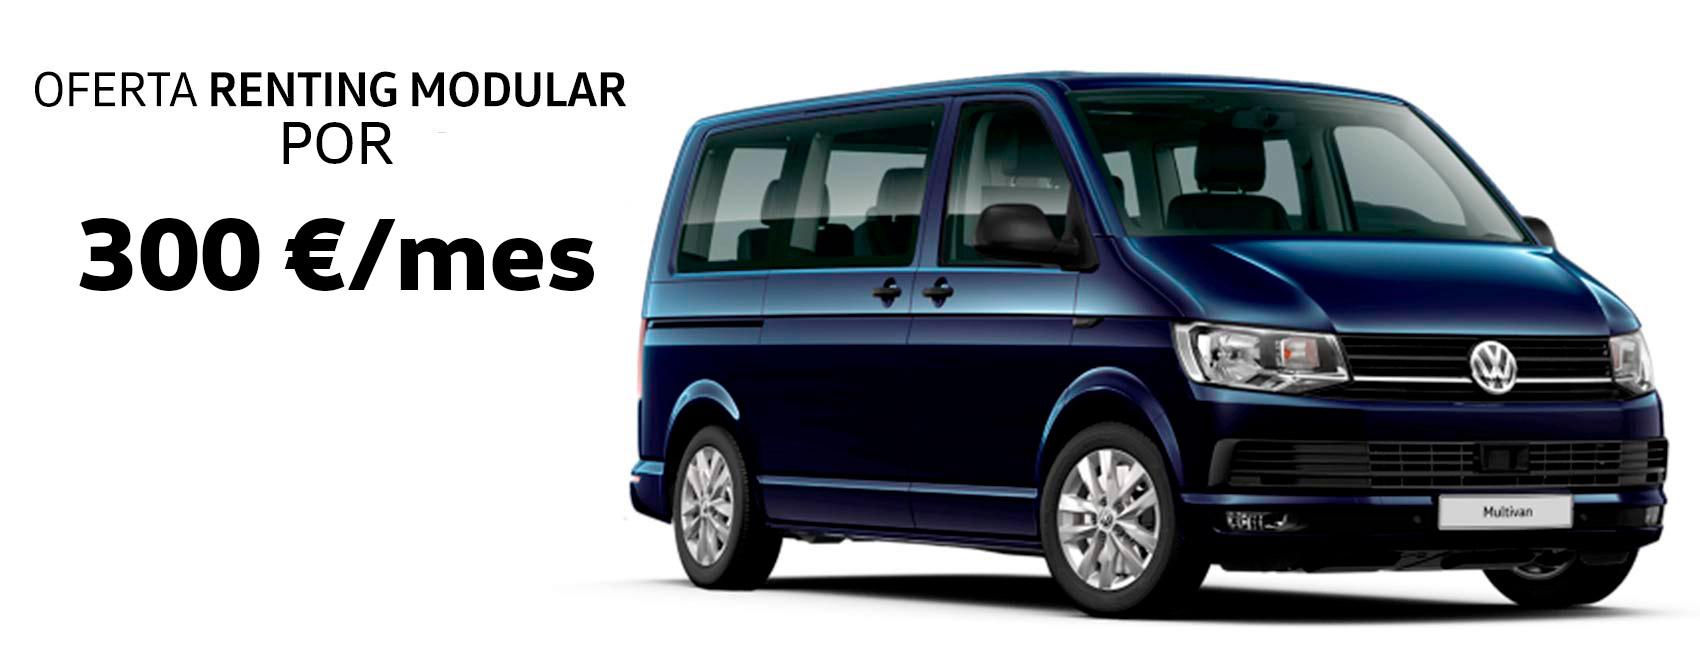 Volkswagen Multivan en oferta en Sartopina